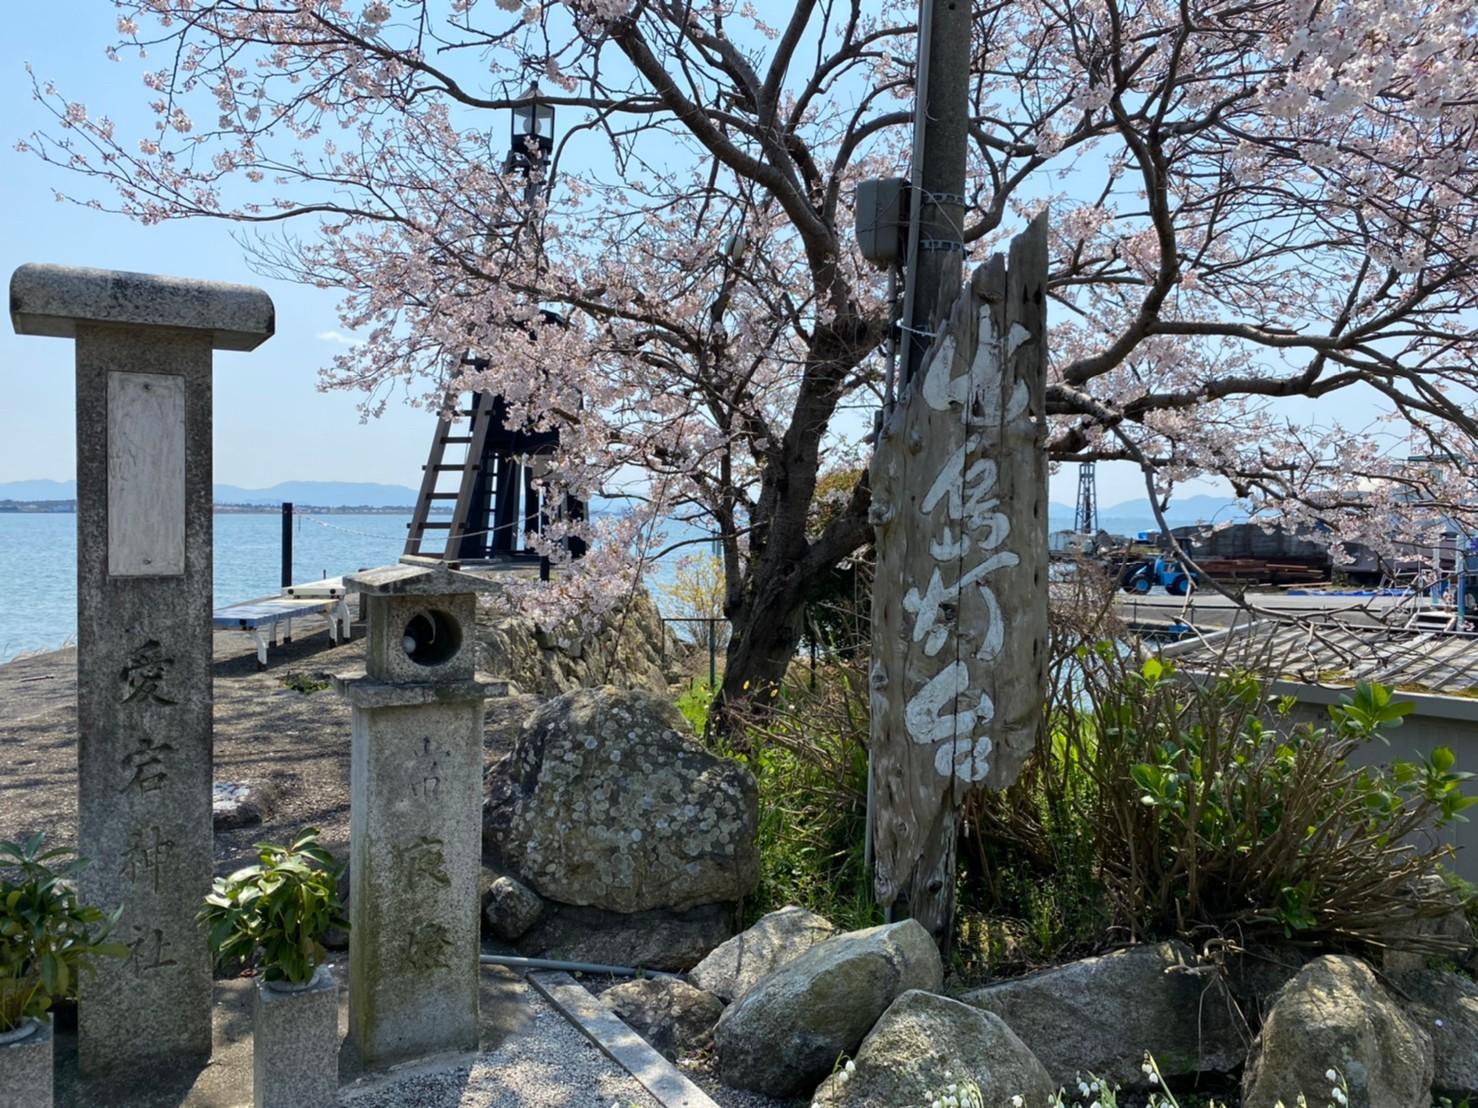 【大津市】『出島の灯台(でけじまのとうだい)』のアウトドア情報(駐車場・トイレ)